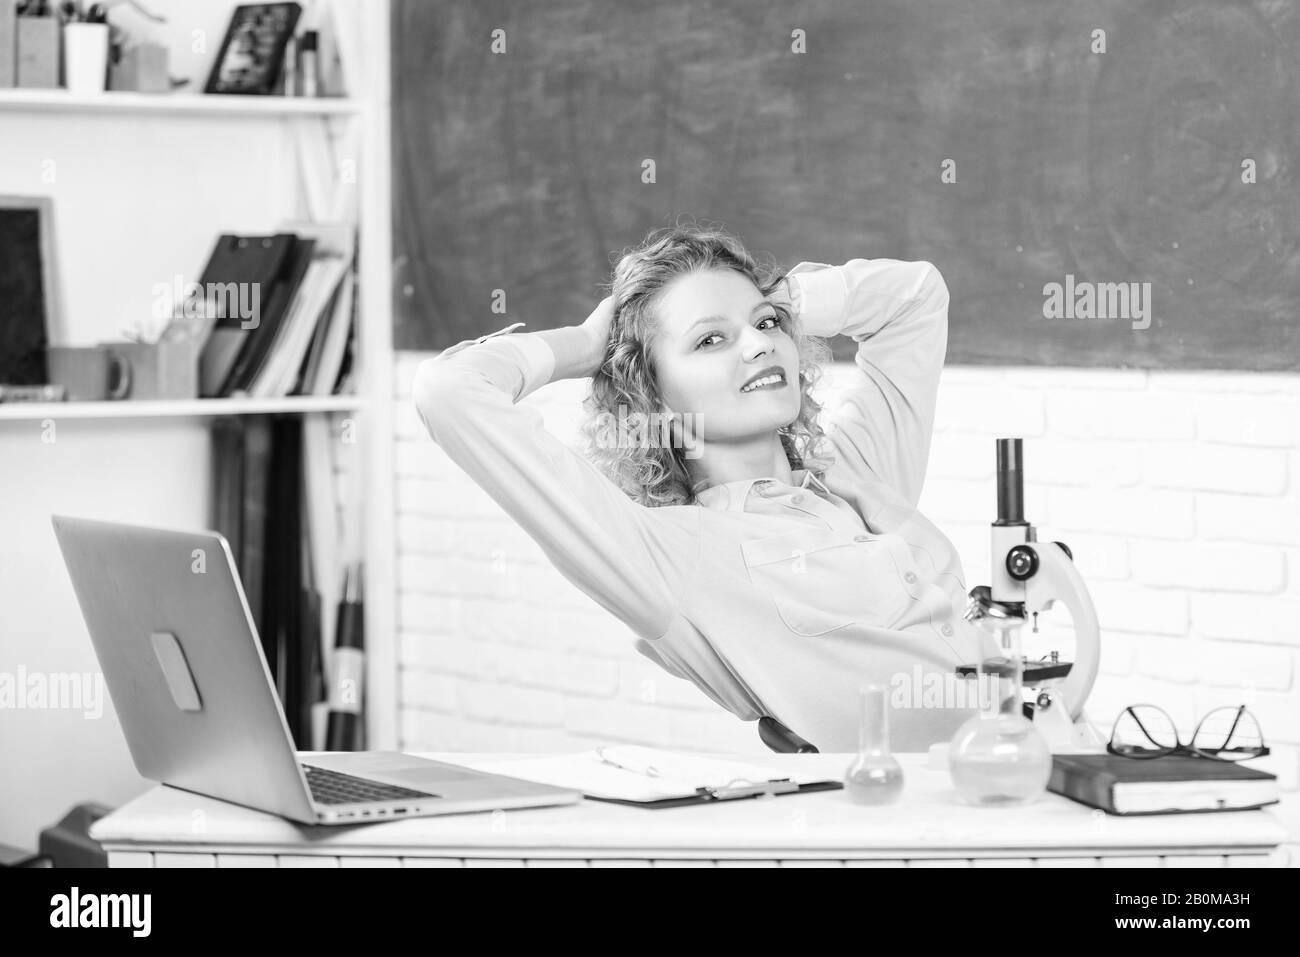 Trouver moyen de se détendre au milieu de travail. Femme adorable professeur essayez de vous détendre dans la salle de classe. Les méthodes de relaxation et de santé mentale. Pédagogue de l'école de l'occupation. L'étirement après une dure journée de travail. Tout simplement se détendre. Banque D'Images